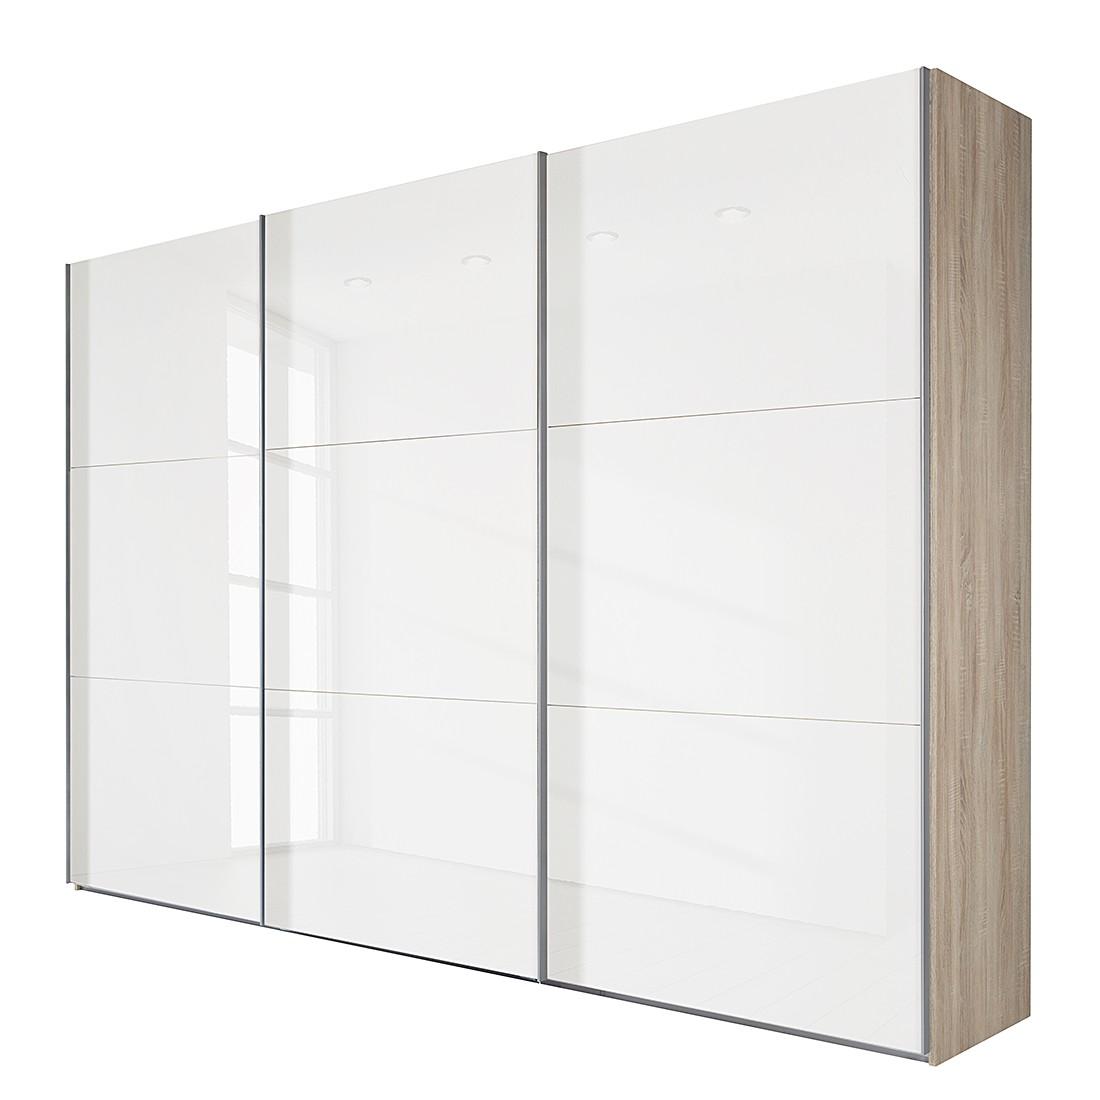 goedkoop Schuifdeurkast Medley I grof gezaagde eikenhout look wit glas BxH 315x236cm 3 deurs Wimex